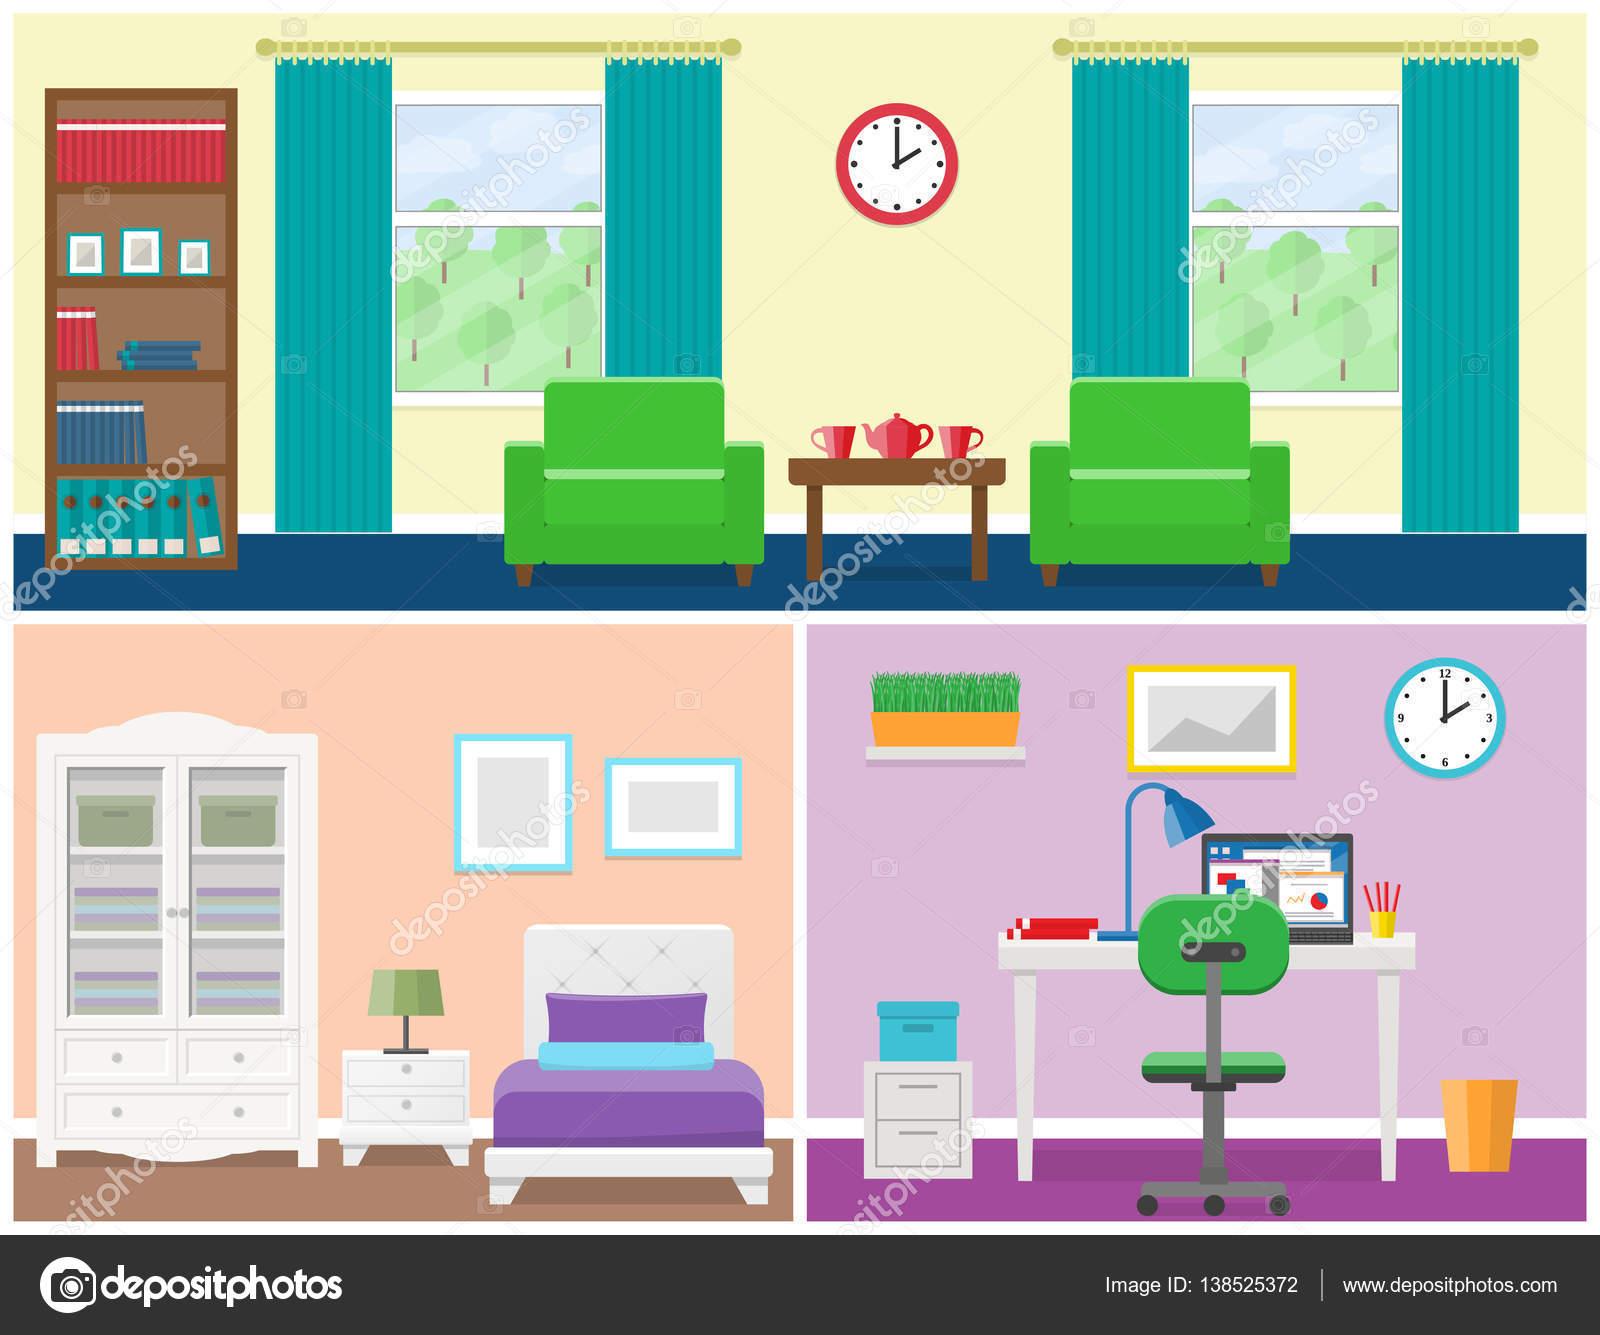 Interno camere di casa in stile piano immagine vettoriale for Disegno interno casa